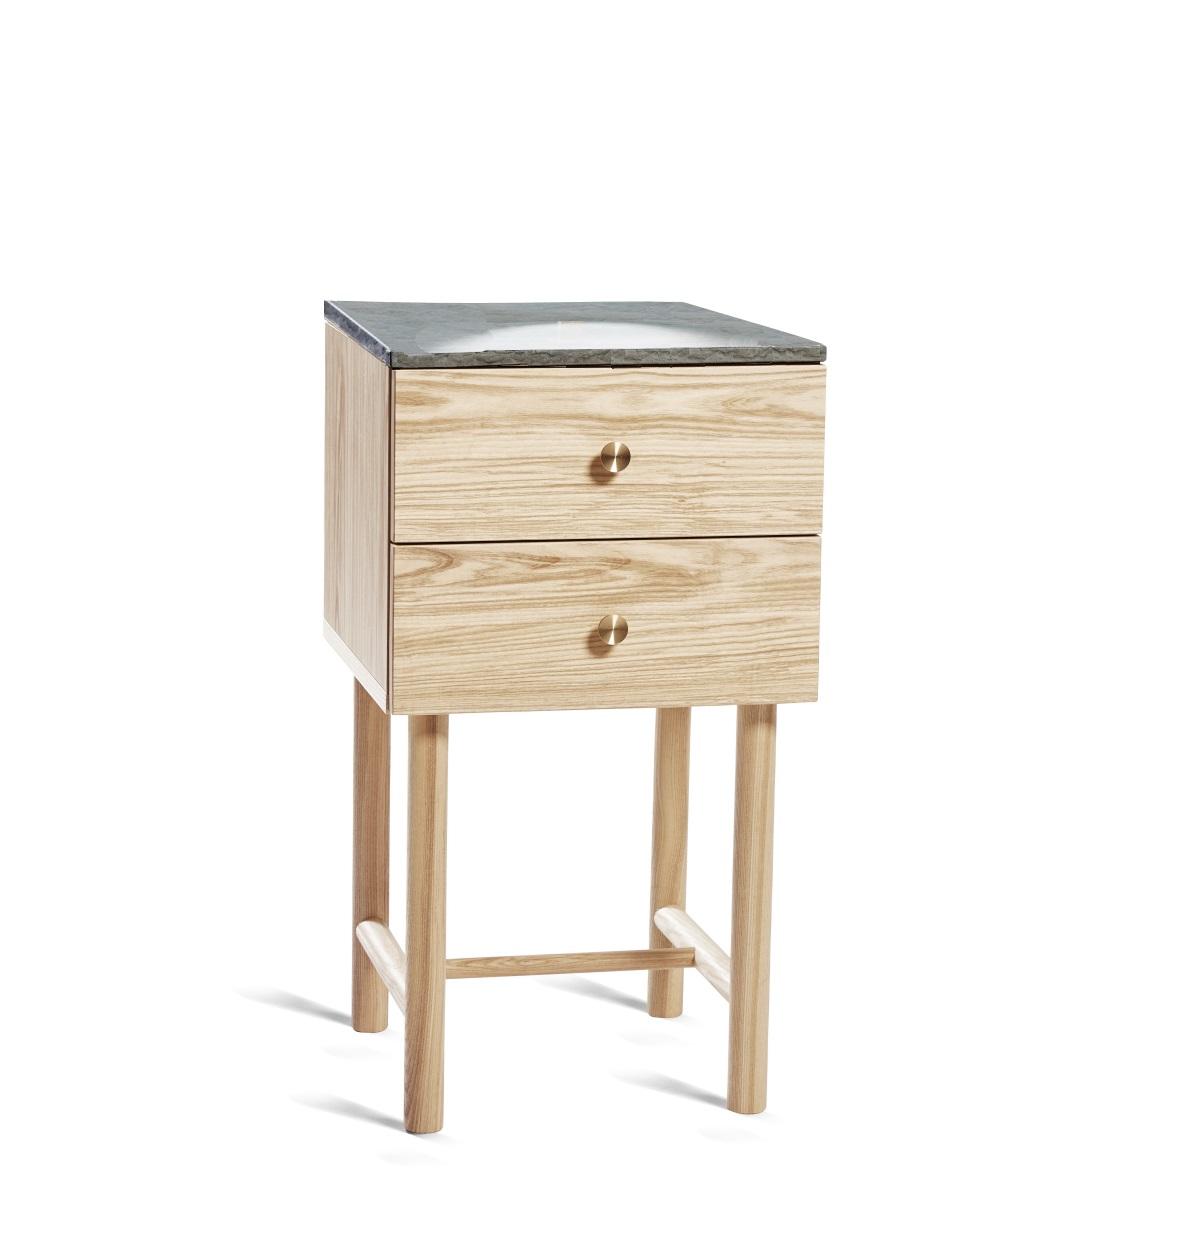 Post bord 2 lådor kalkstenstopp, Mavis